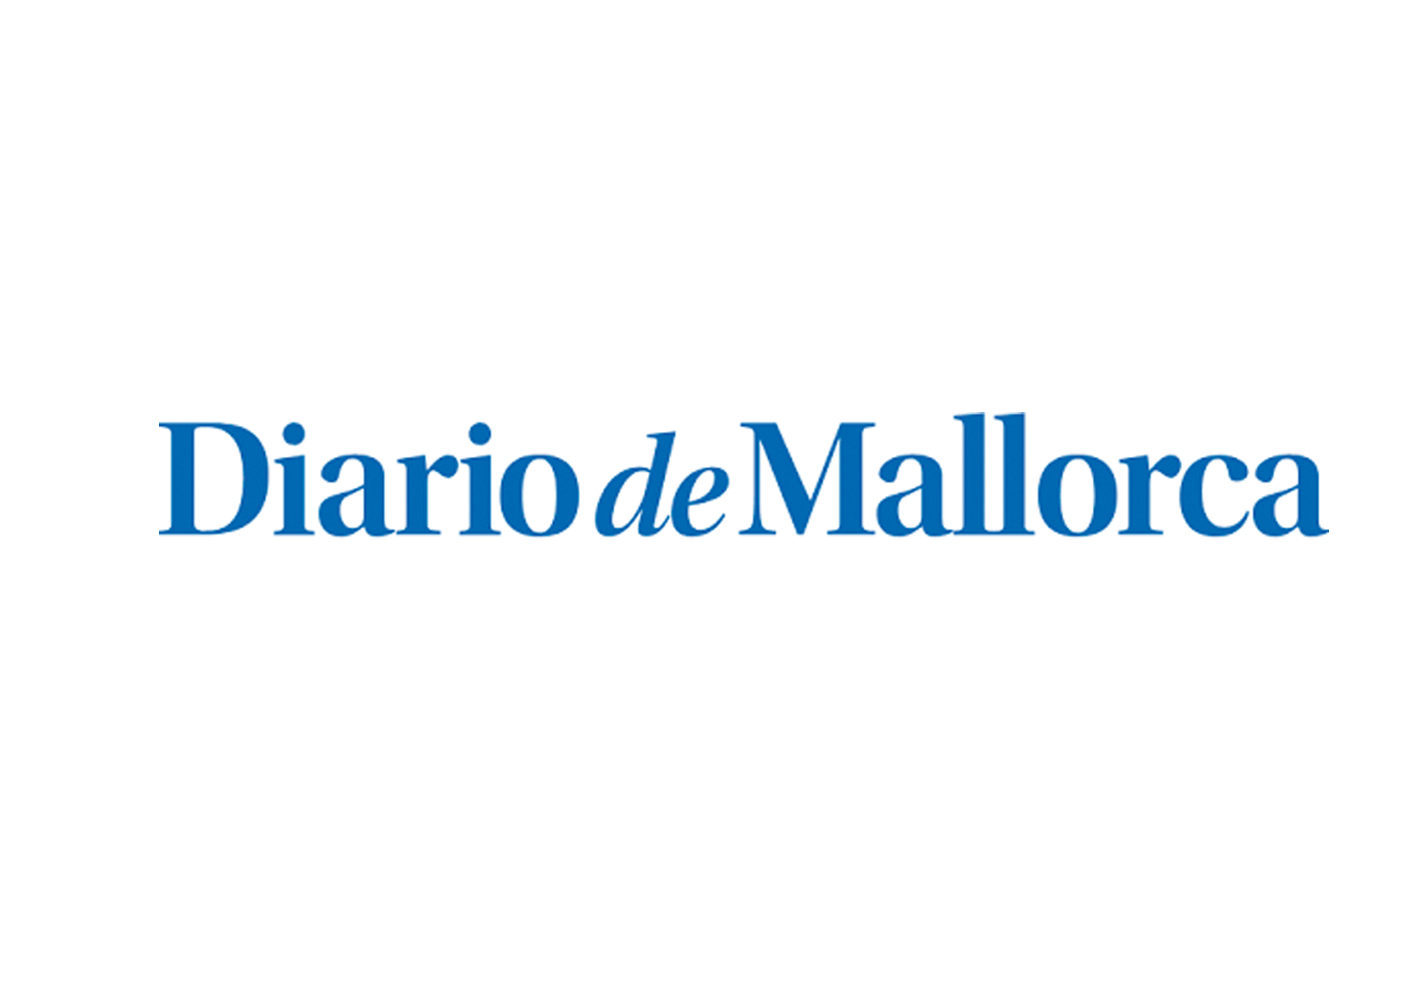 Diario de Mallorca consulta a Alejandro del Campo sobre la sentencia que obliga a varios municipios a devolver plusvalías.